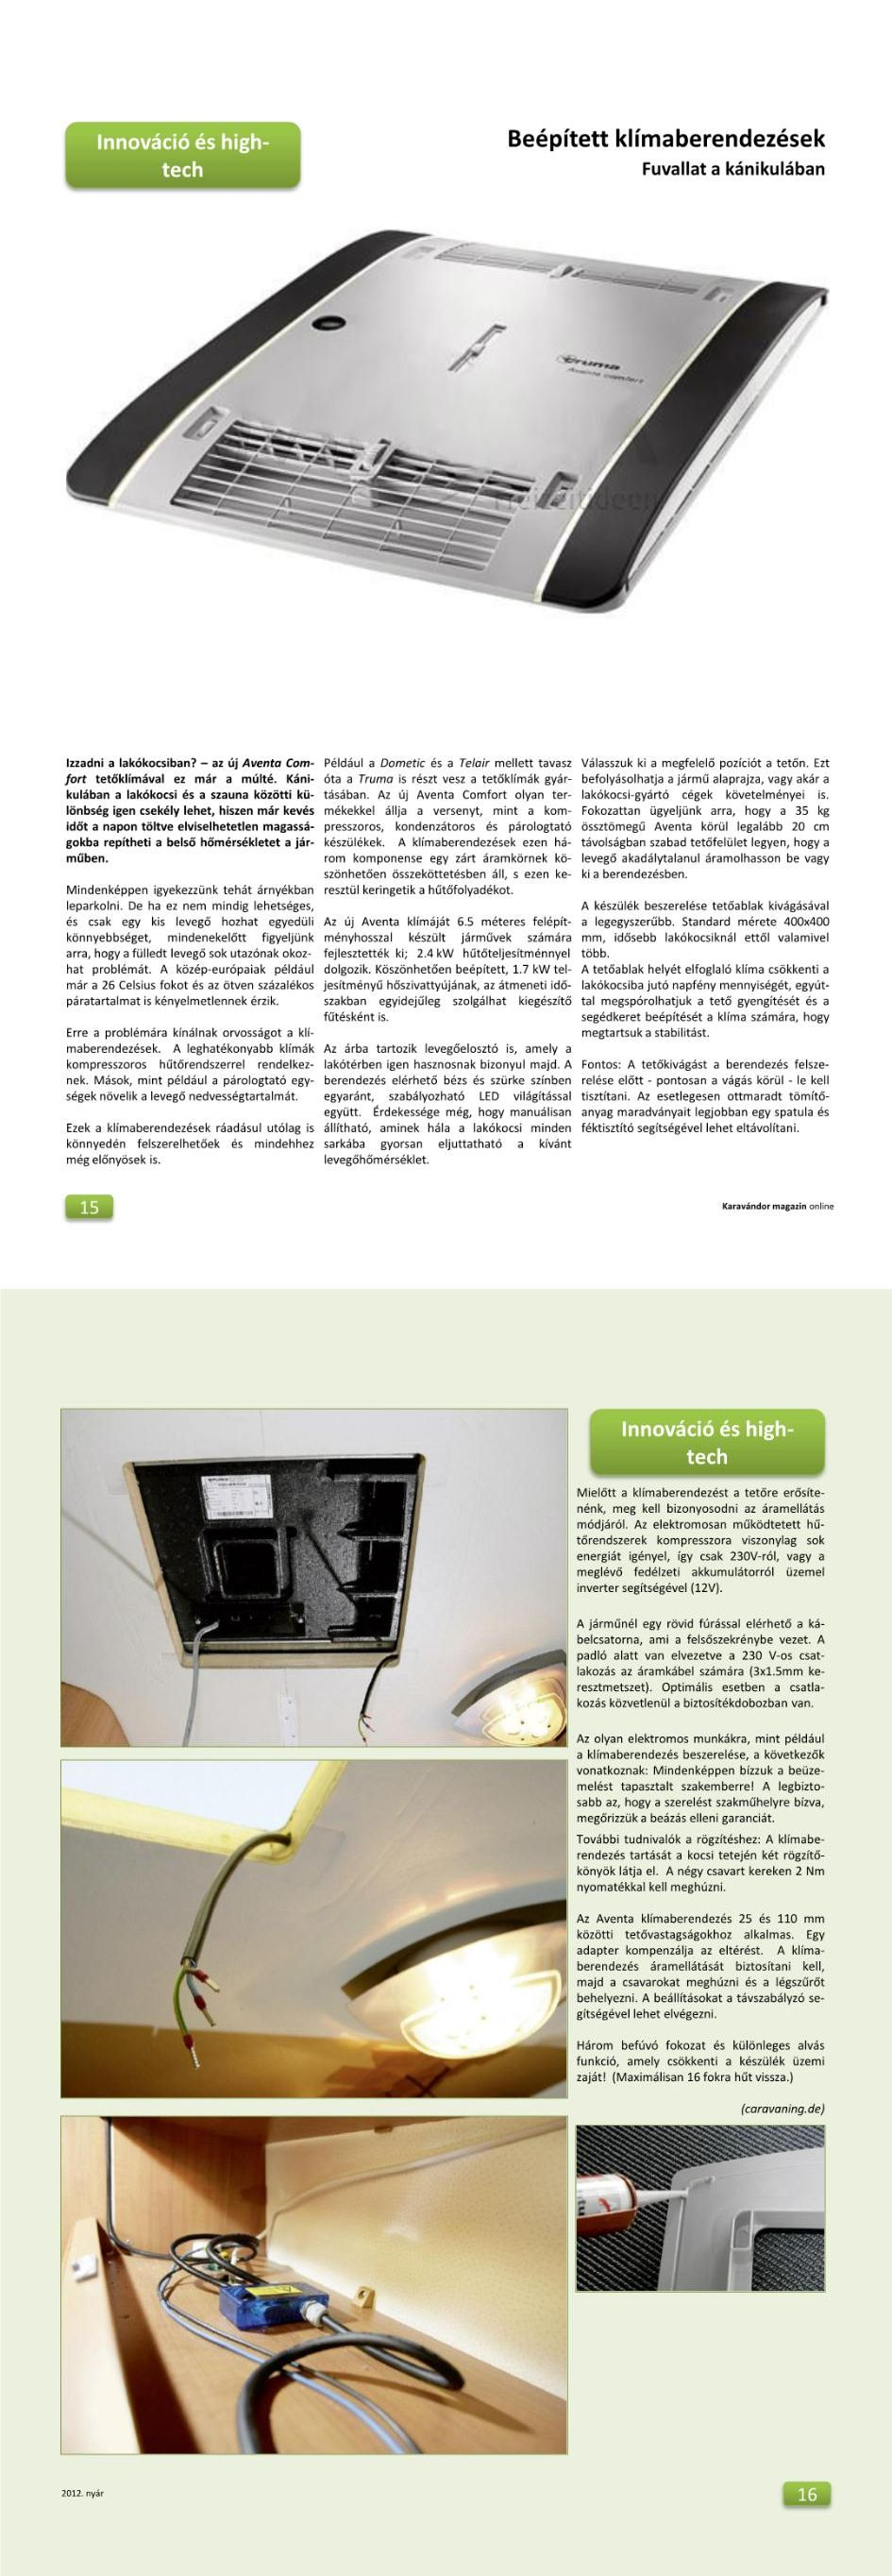 Innováció + High-Tech - Beépített klímaberendezések